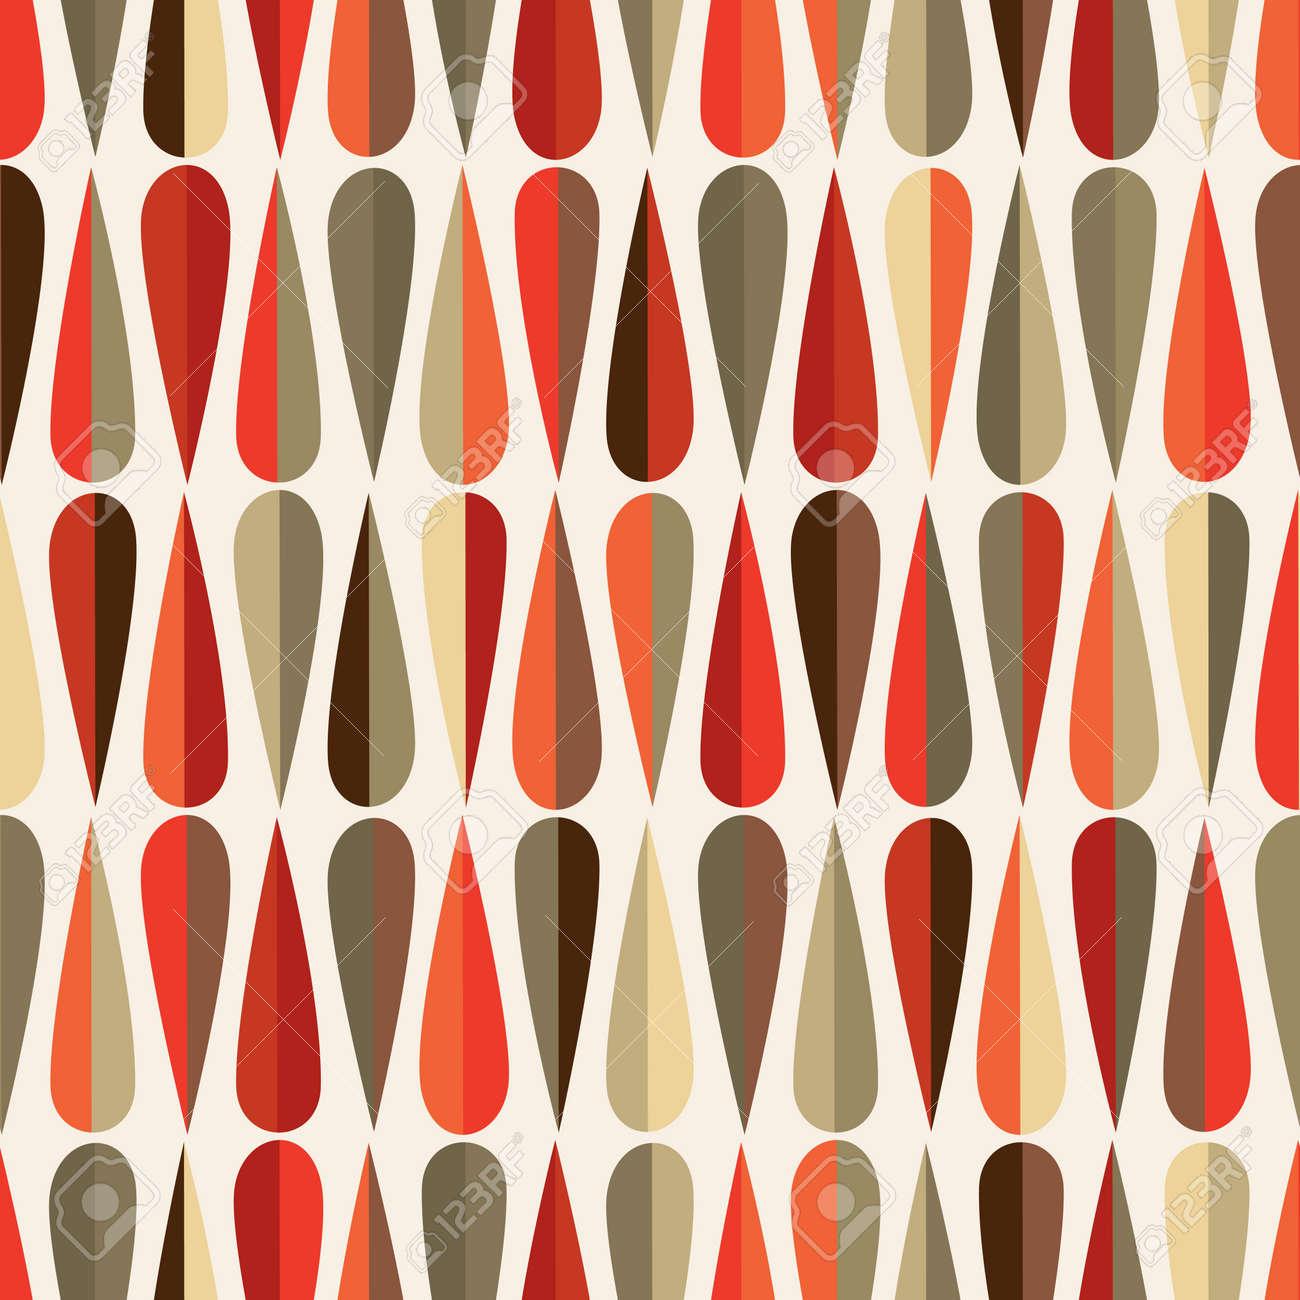 Mitte Des Jahrhunderts Modernen Retro Stil Nahtlose Muster Mit  Tropfenformen In Verschiedenen Farbtönen, Abstrakten